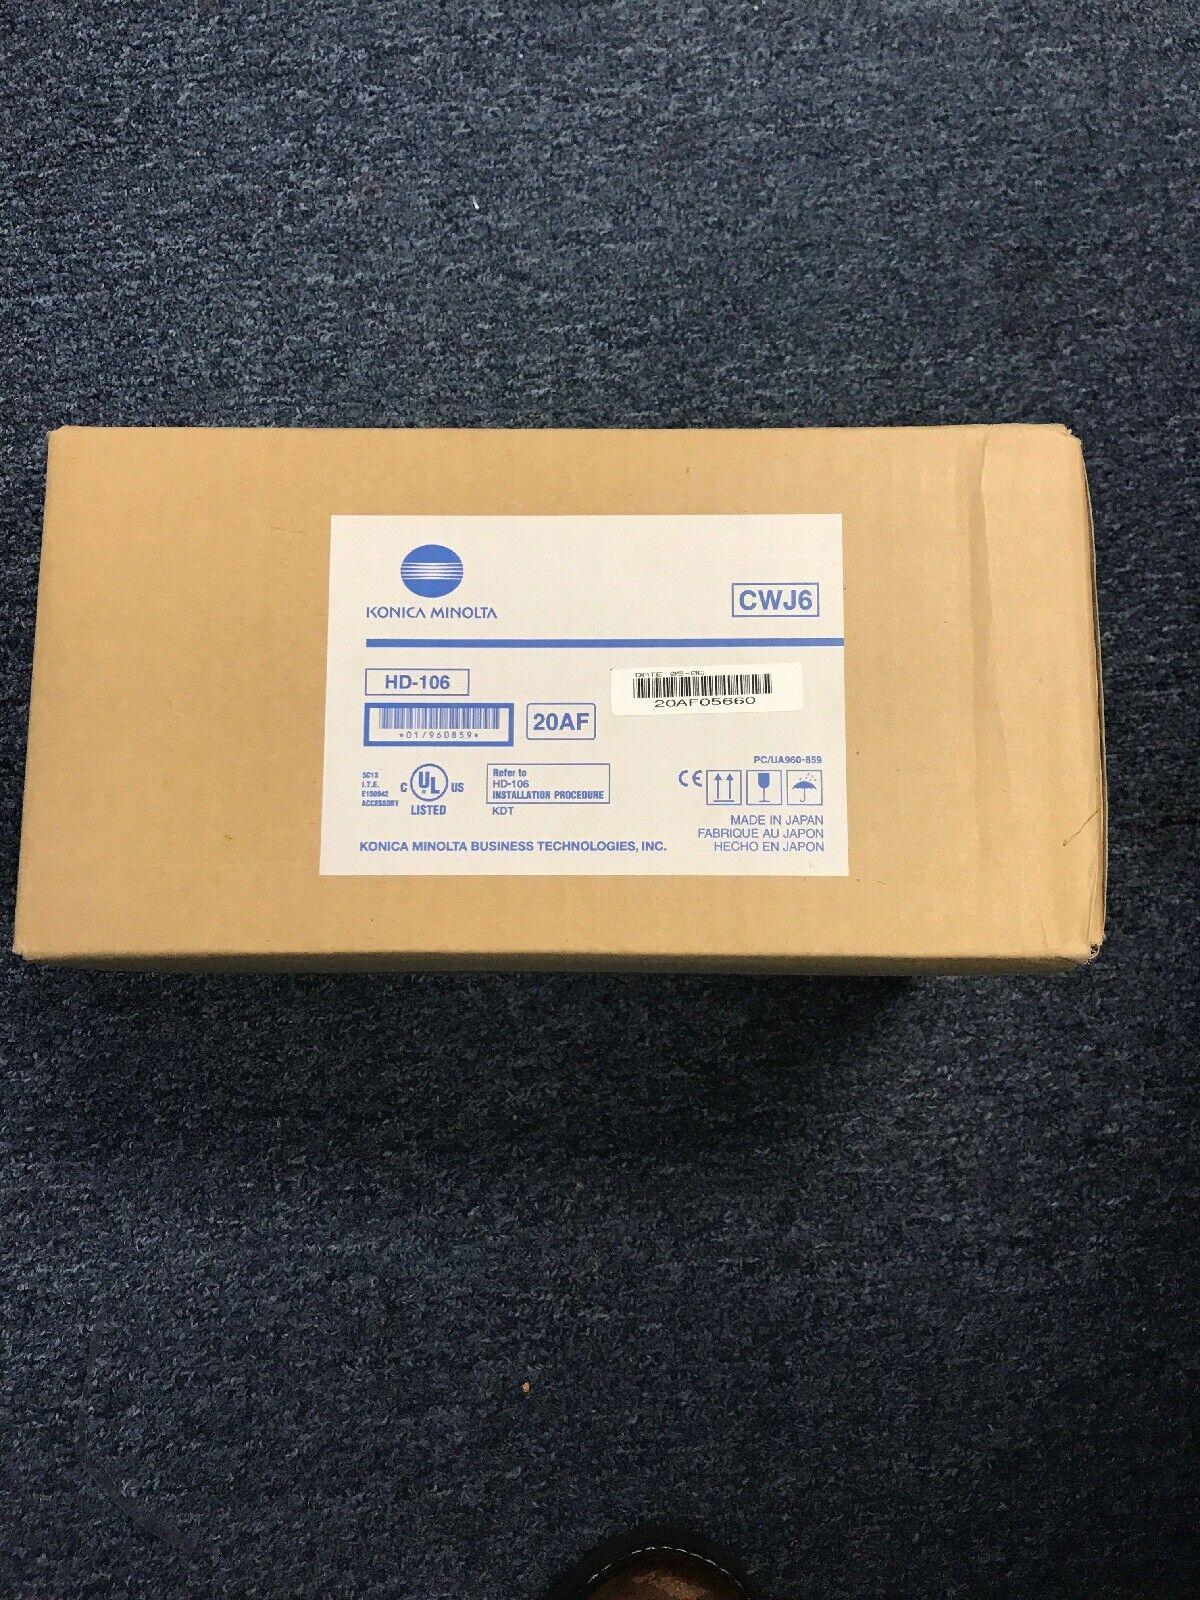 KONICA MINOLTA HD-106 HARD DISK DRIVE FOR C500 NEW IN BOX HD 106